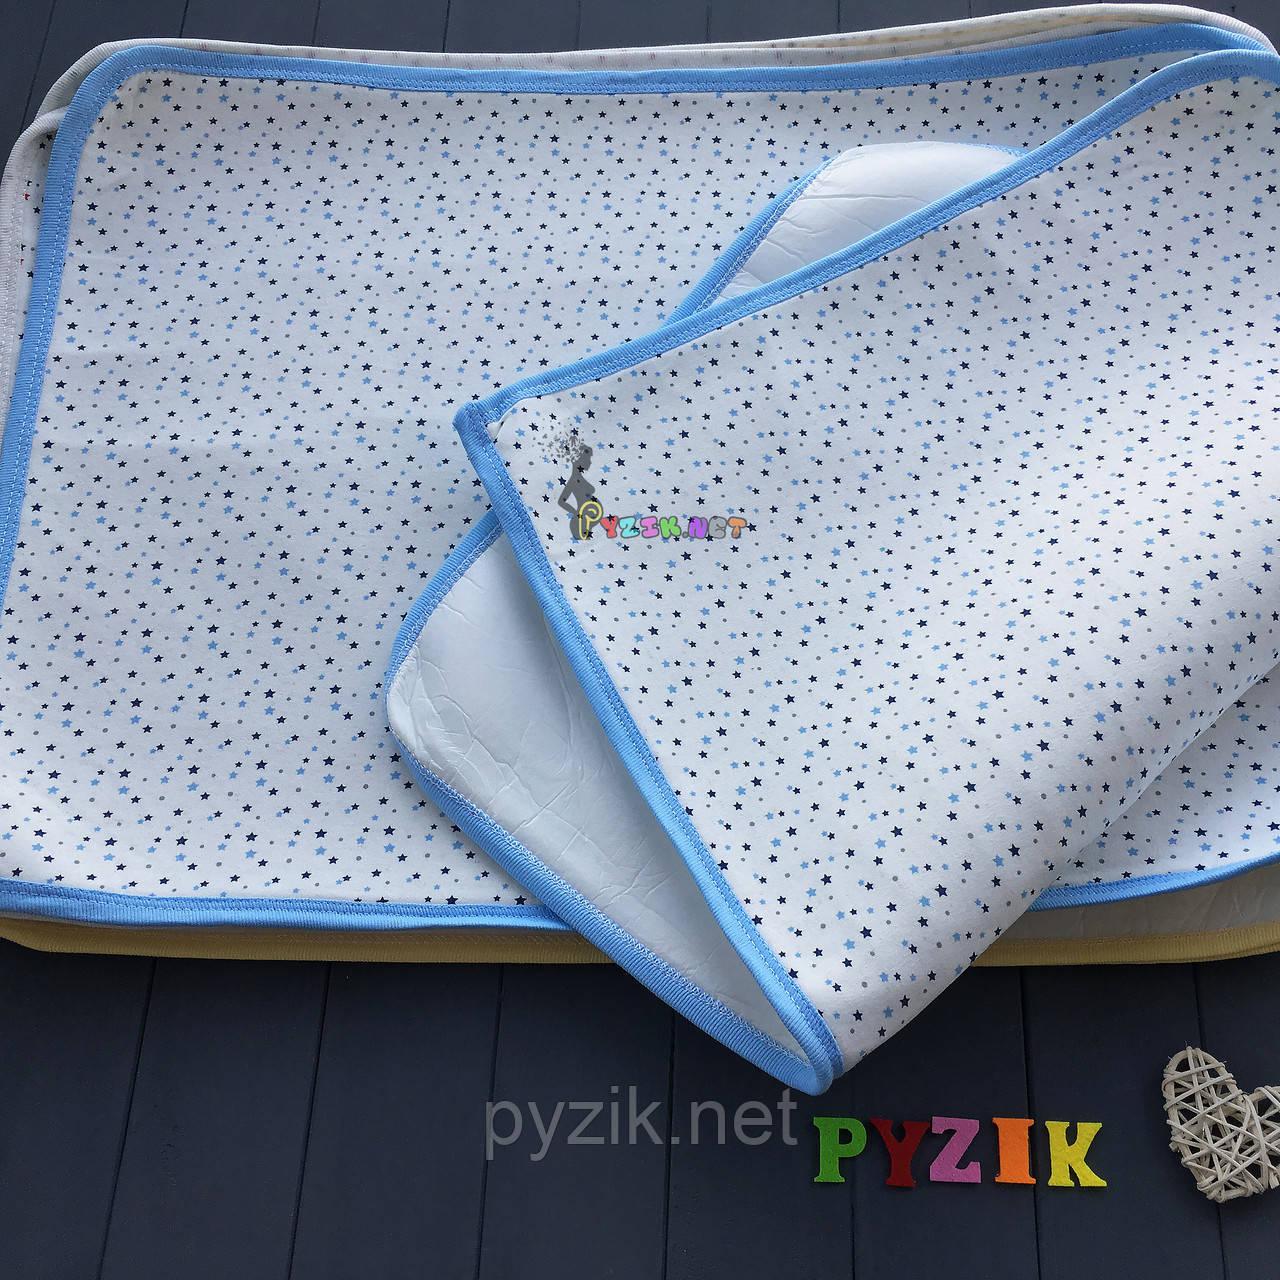 Пеленка-клеенка непромокаемая многоразовая голубая